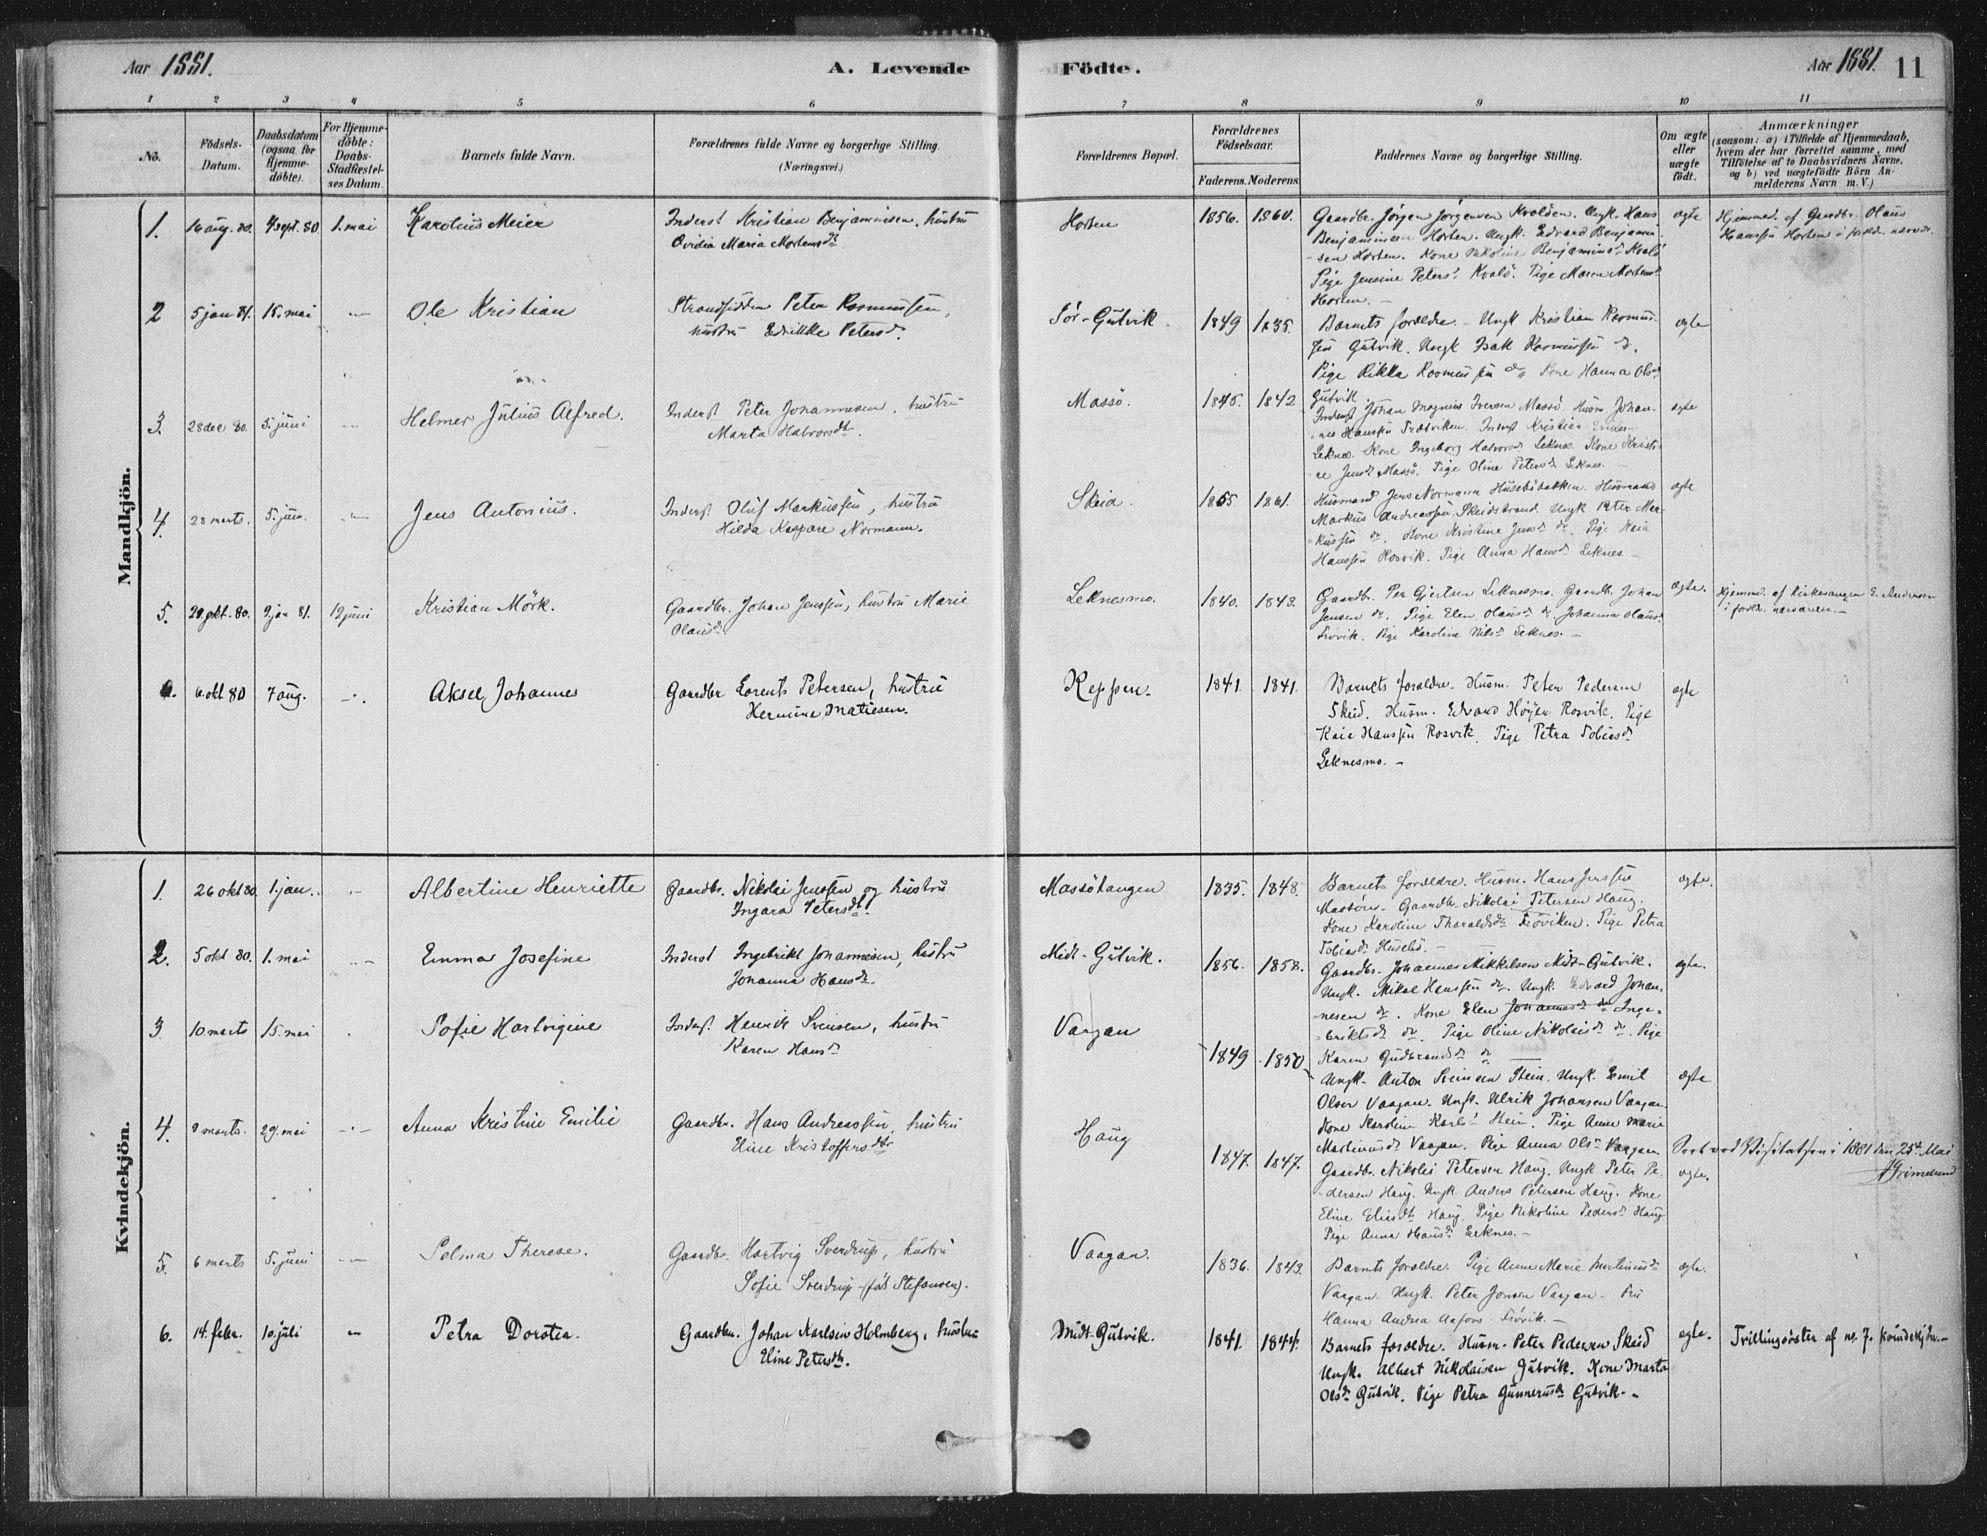 SAT, Ministerialprotokoller, klokkerbøker og fødselsregistre - Nord-Trøndelag, 788/L0697: Parish register (official) no. 788A04, 1878-1902, p. 11